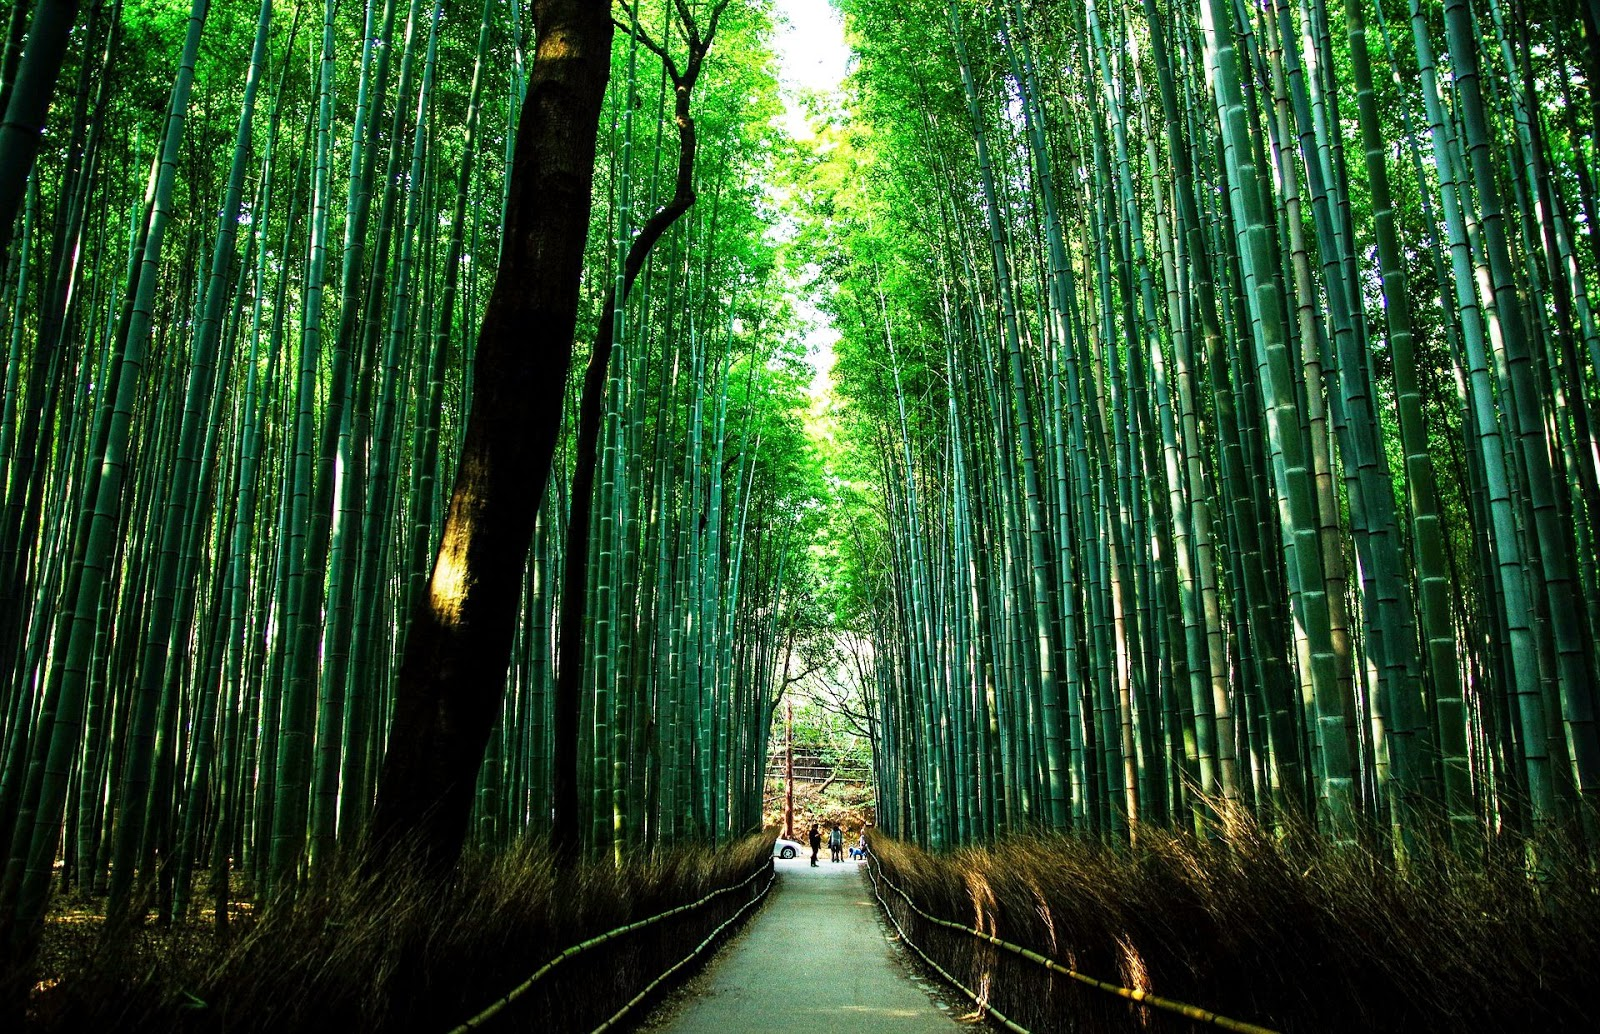 京都-京都景點-推薦-嵐山-Arashiyama-自由行-旅遊-市區-京都必去景點-京都好玩景點-行程-京都必遊景點-日本-Kyoto-Tourist-Attraction